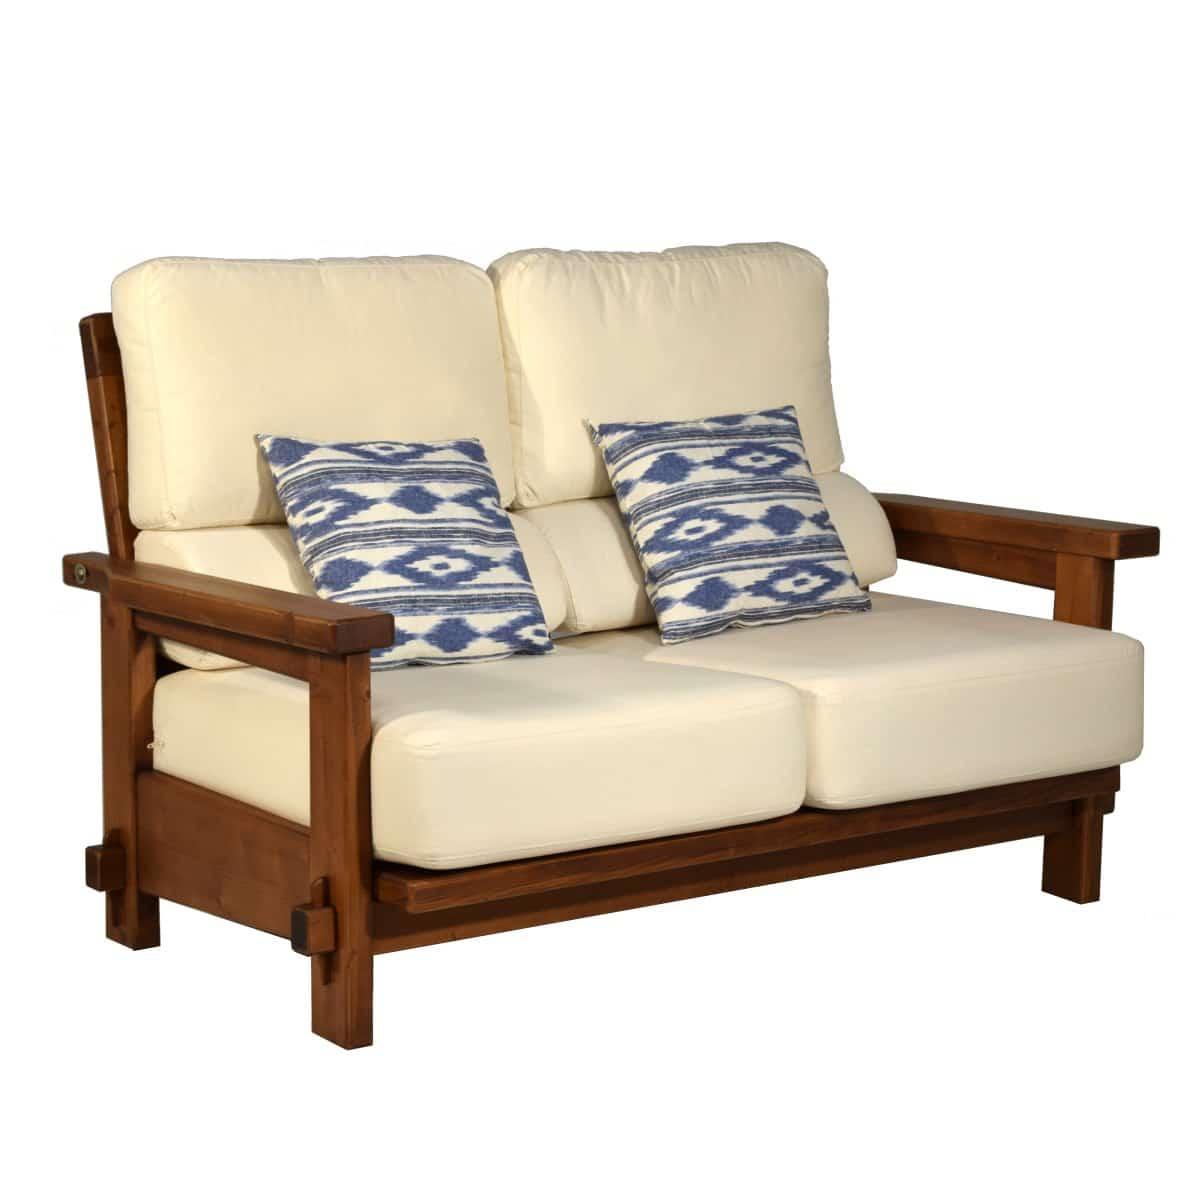 Sof r stico dos plazas 148 ecor stico venta de muebles - Sofas de dos plazas pequenos ...